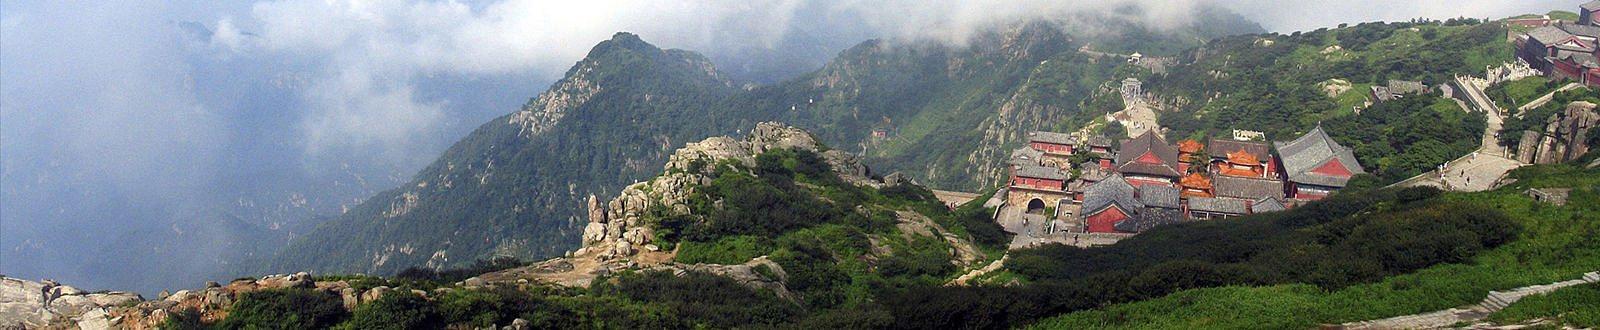 泰安温泉_【泰山旅游】泰山旅游攻略,泰山旅游景点大全-去哪儿网